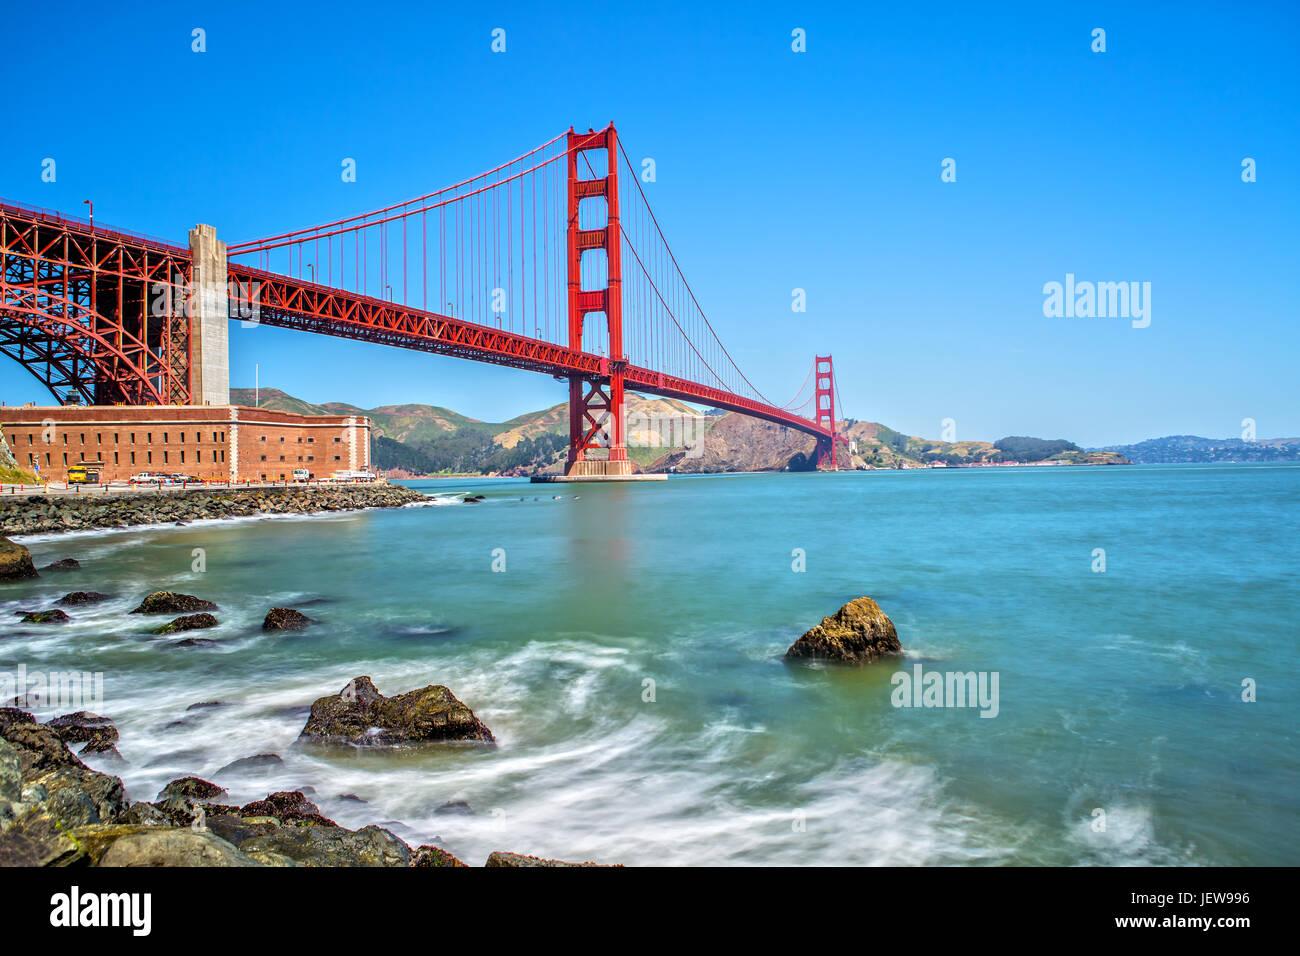 Una lunga esposizione del Golden Gate Bridge di San Francisco Immagini Stock